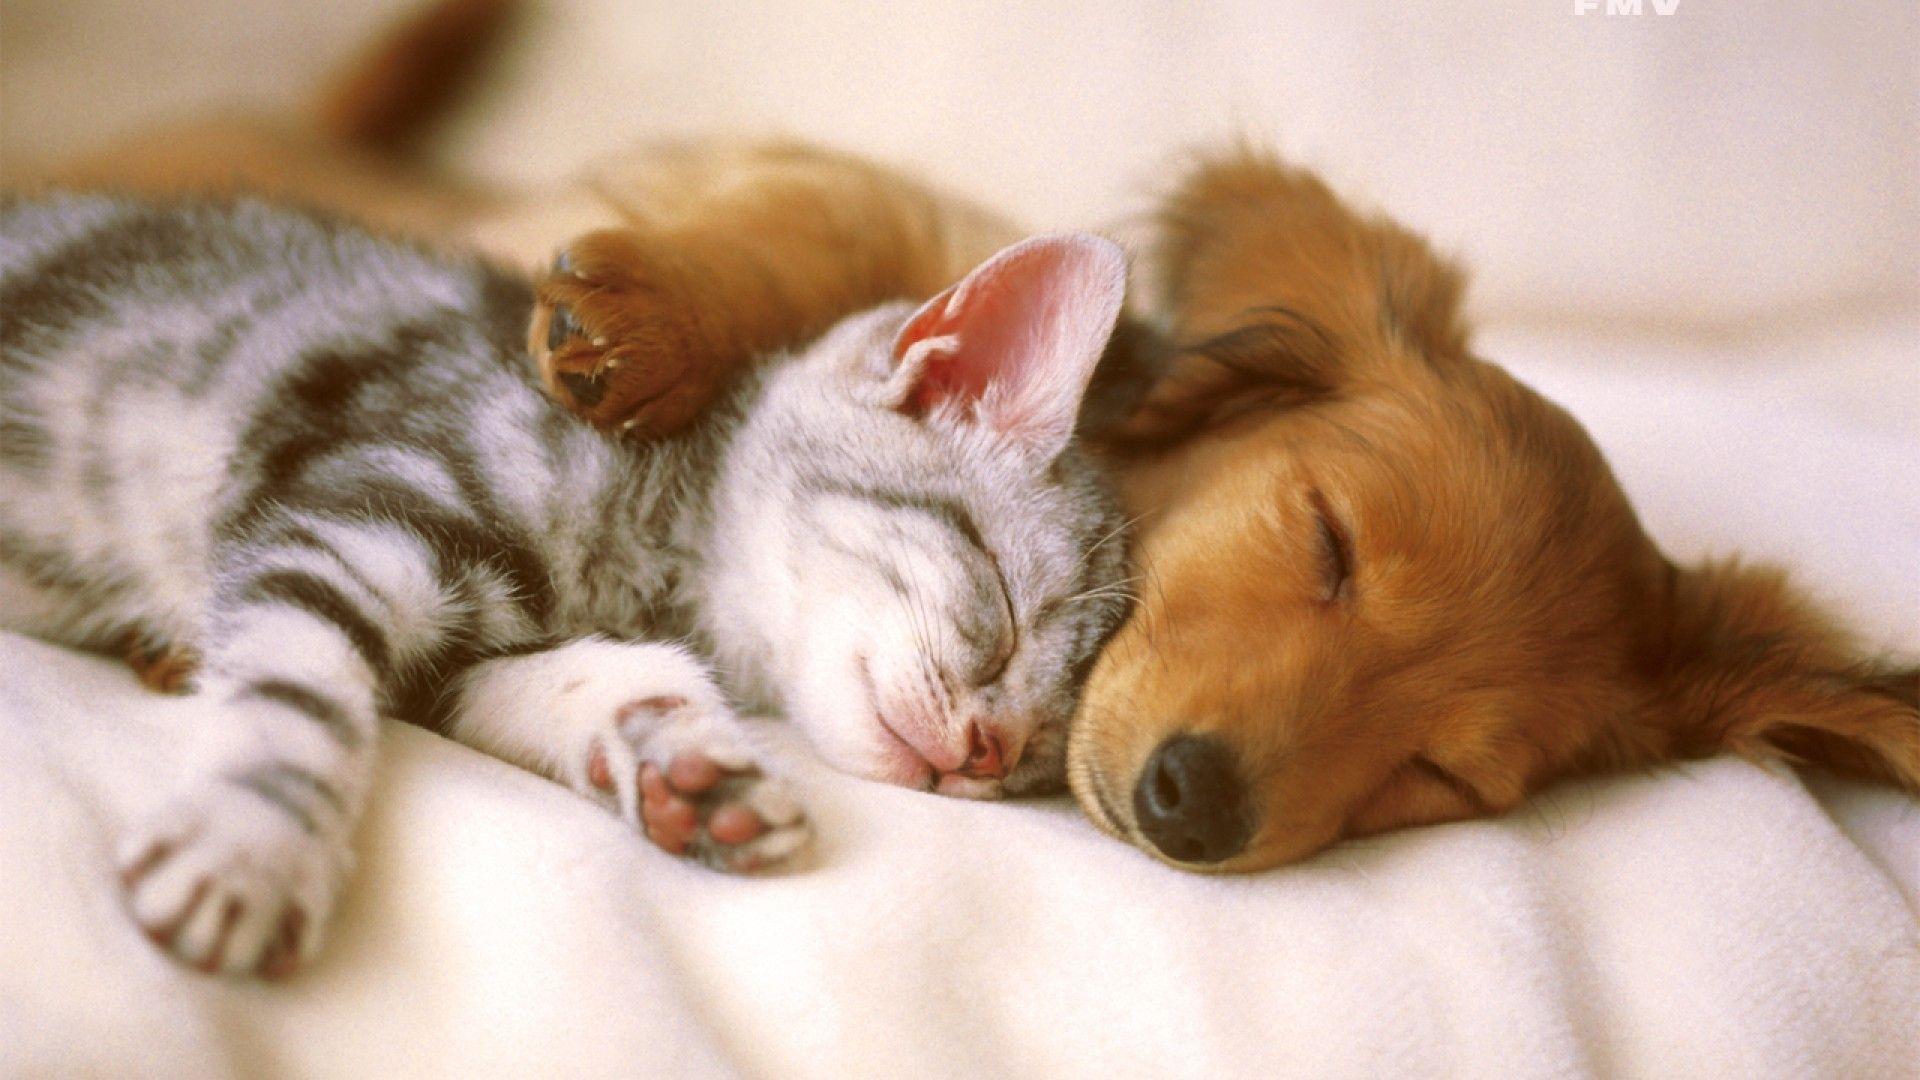 Gli animali ci aiutano a combattere ansia e depressione: migliorano la nostra vita